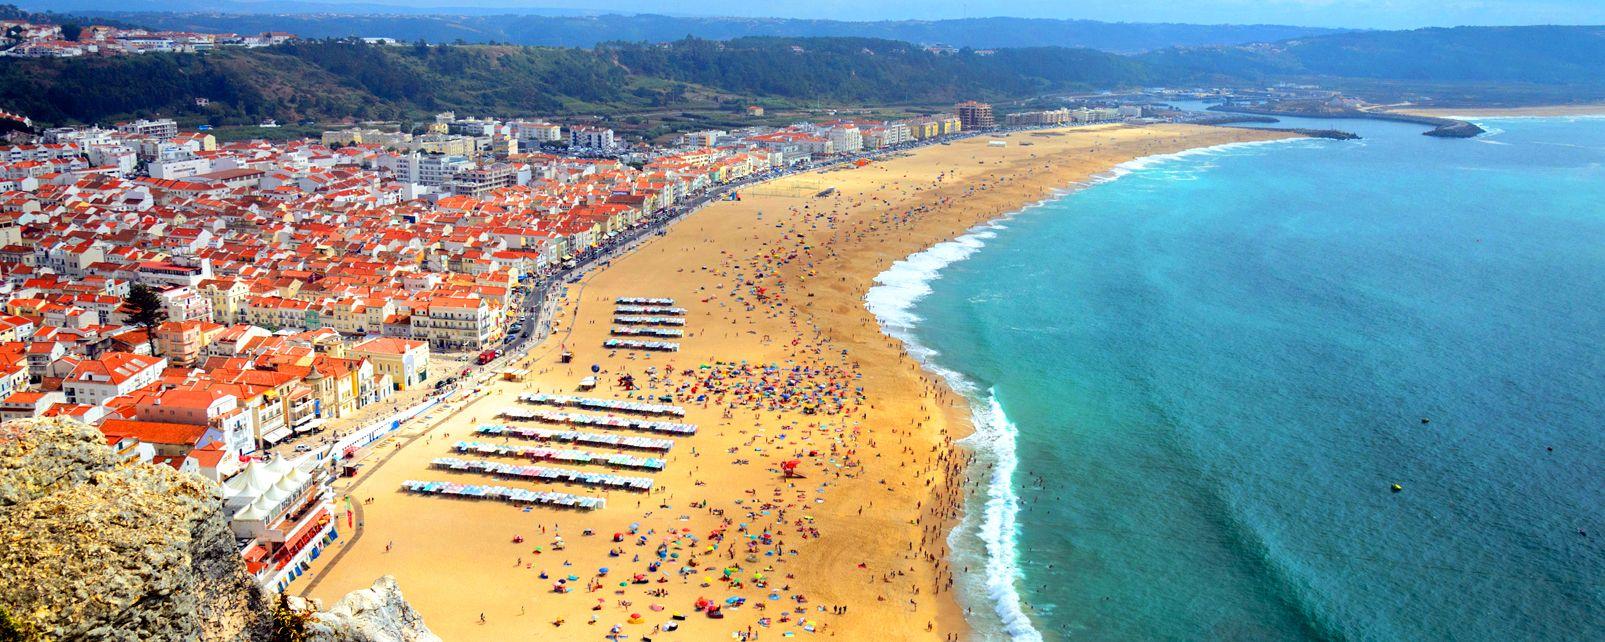 Les falaises de l'Estremadura , Falaises et océan déchainé , Portugal